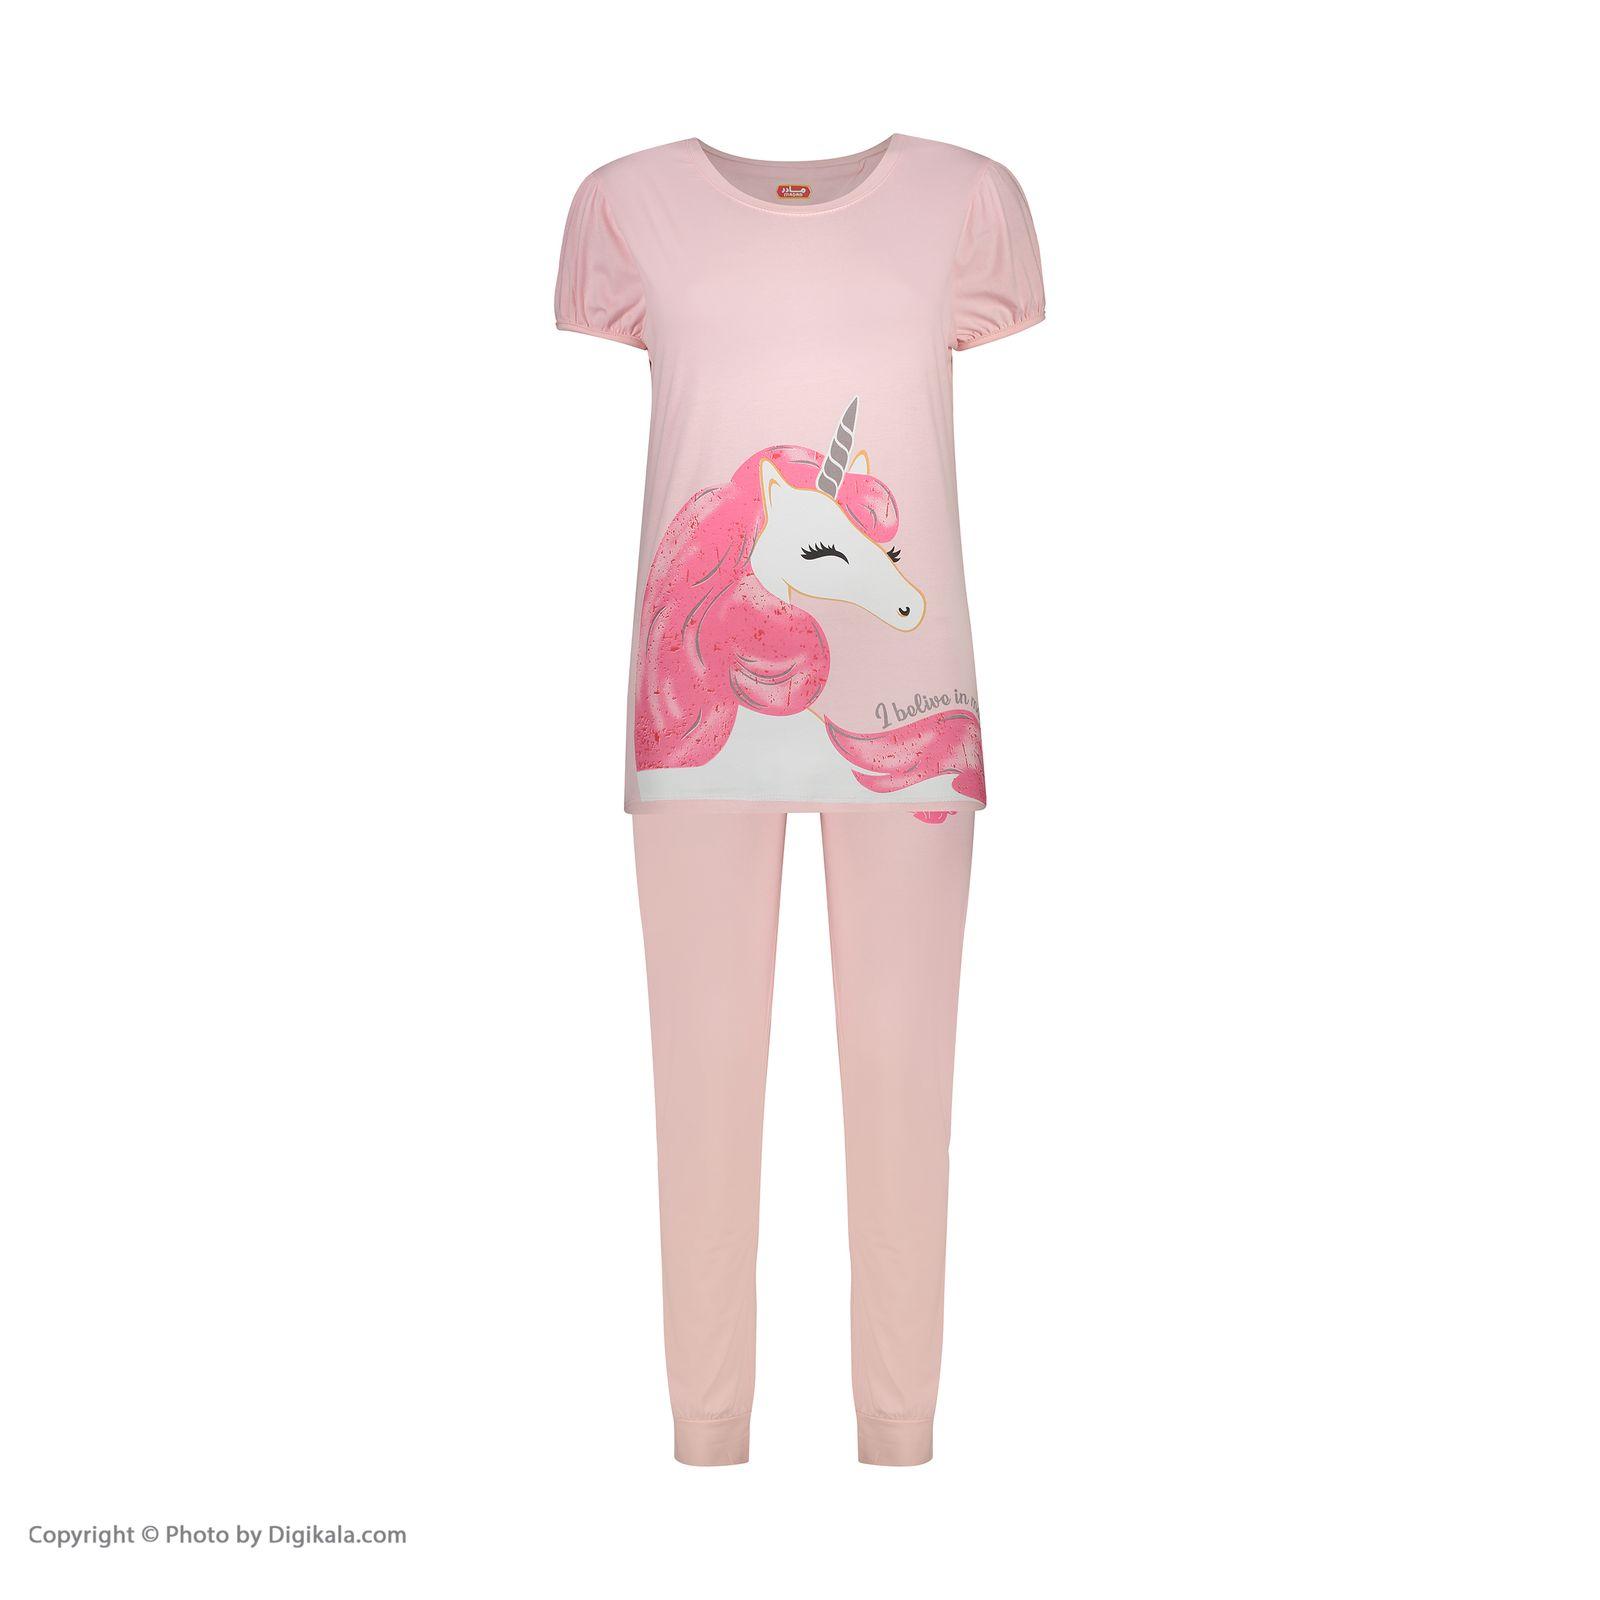 ست تی شرت و شلوار راحتی زنانه مادر مدل 2041104-84 -  - 3